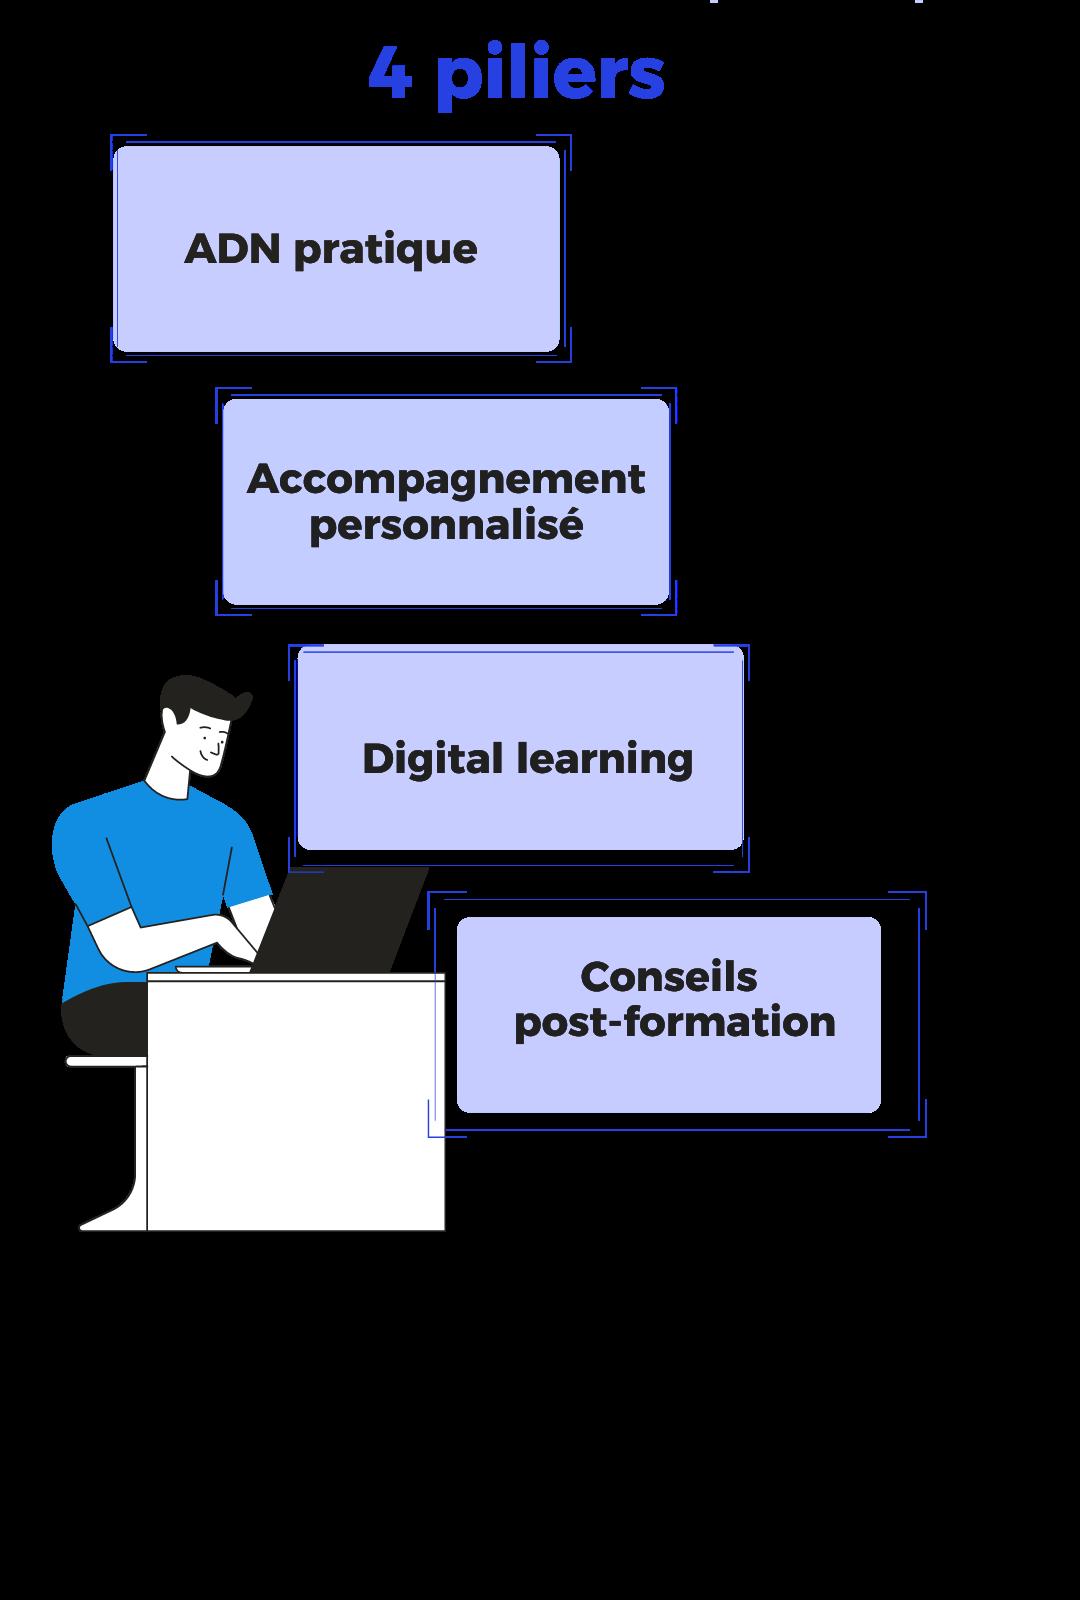 Les 4 piliers de la pédagogie de l'organisme de formation Kiluz